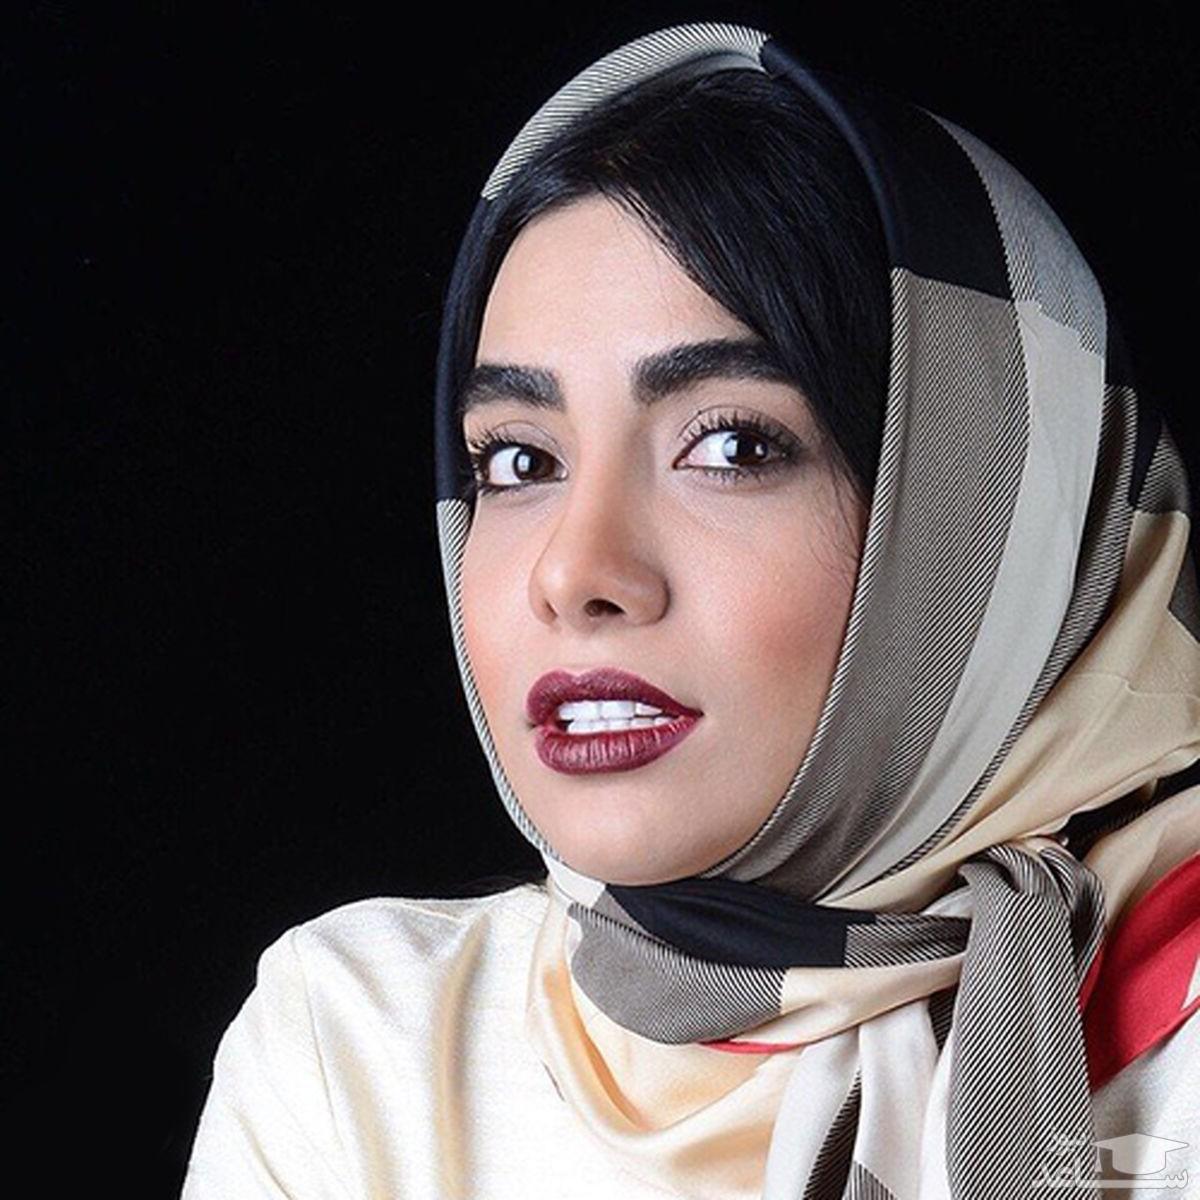 الهه فرشچی بازیگر زن ایرانی کشف حجاب کرد